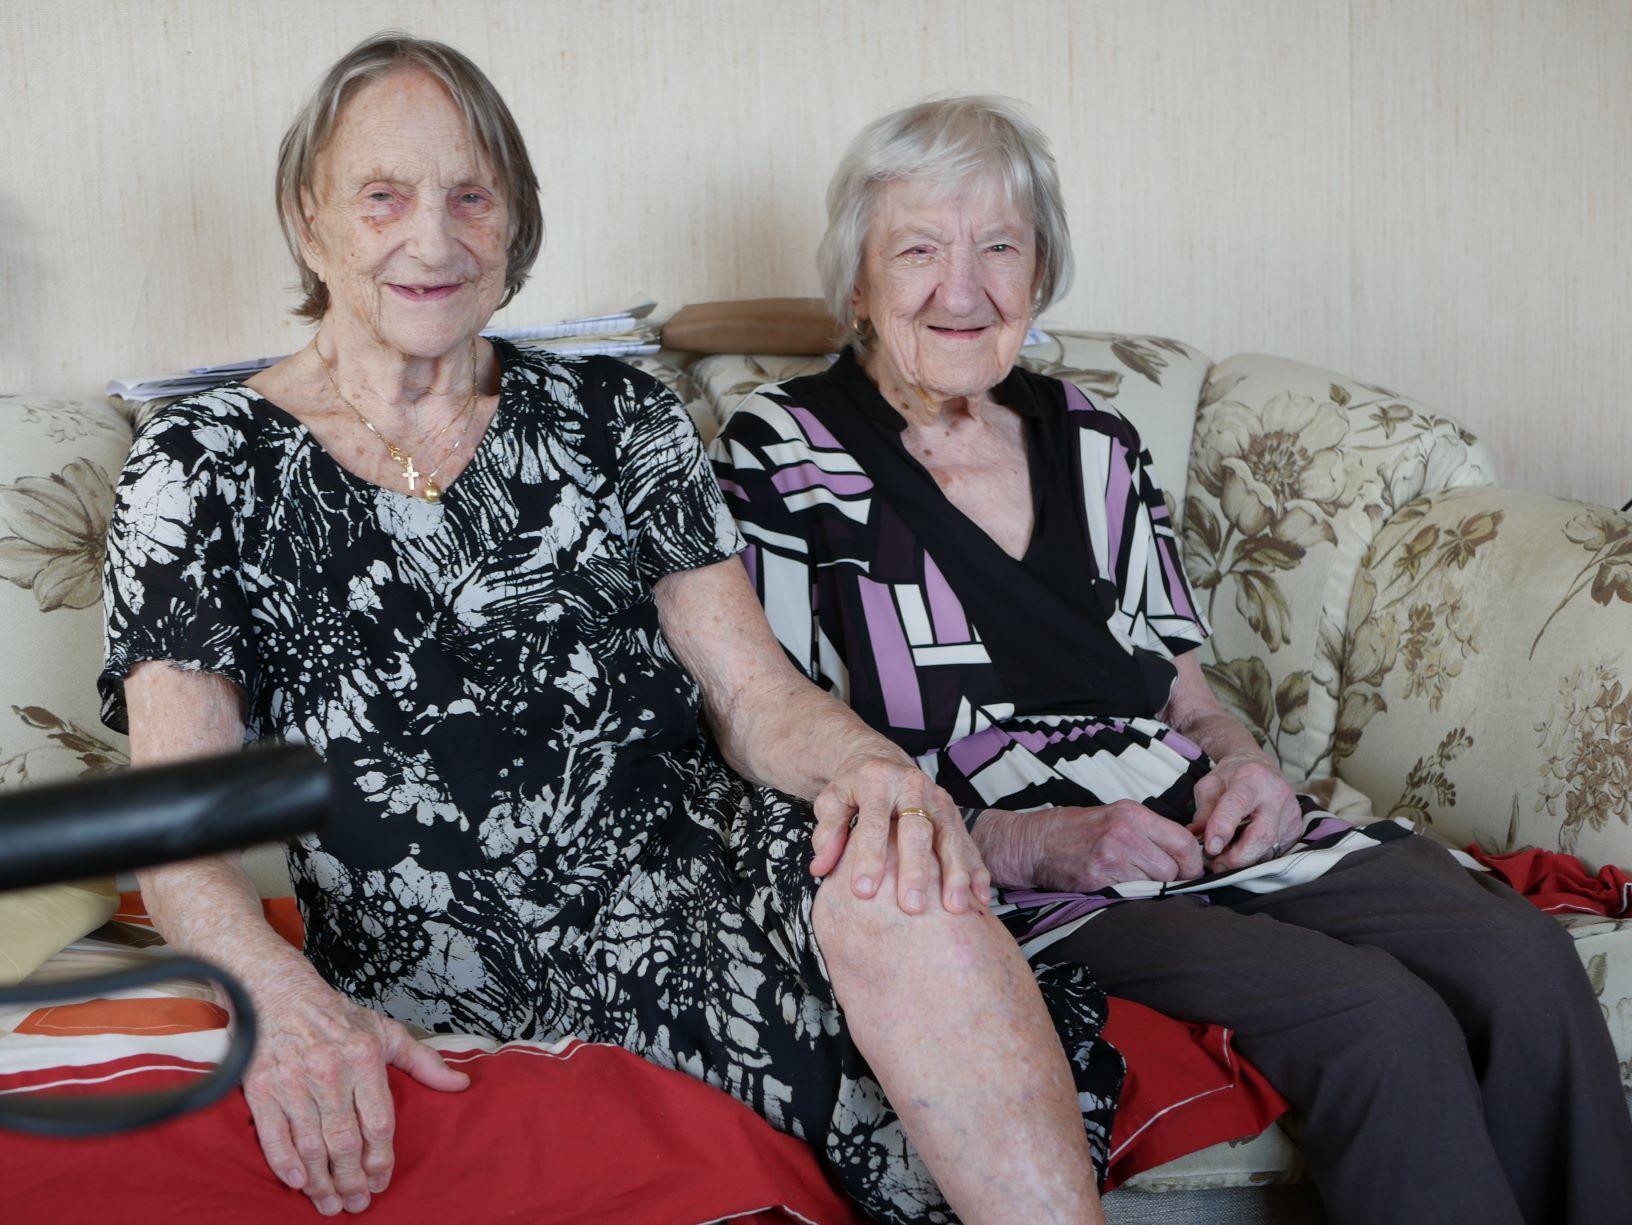 två äldre kvinnor sitter i en soffa